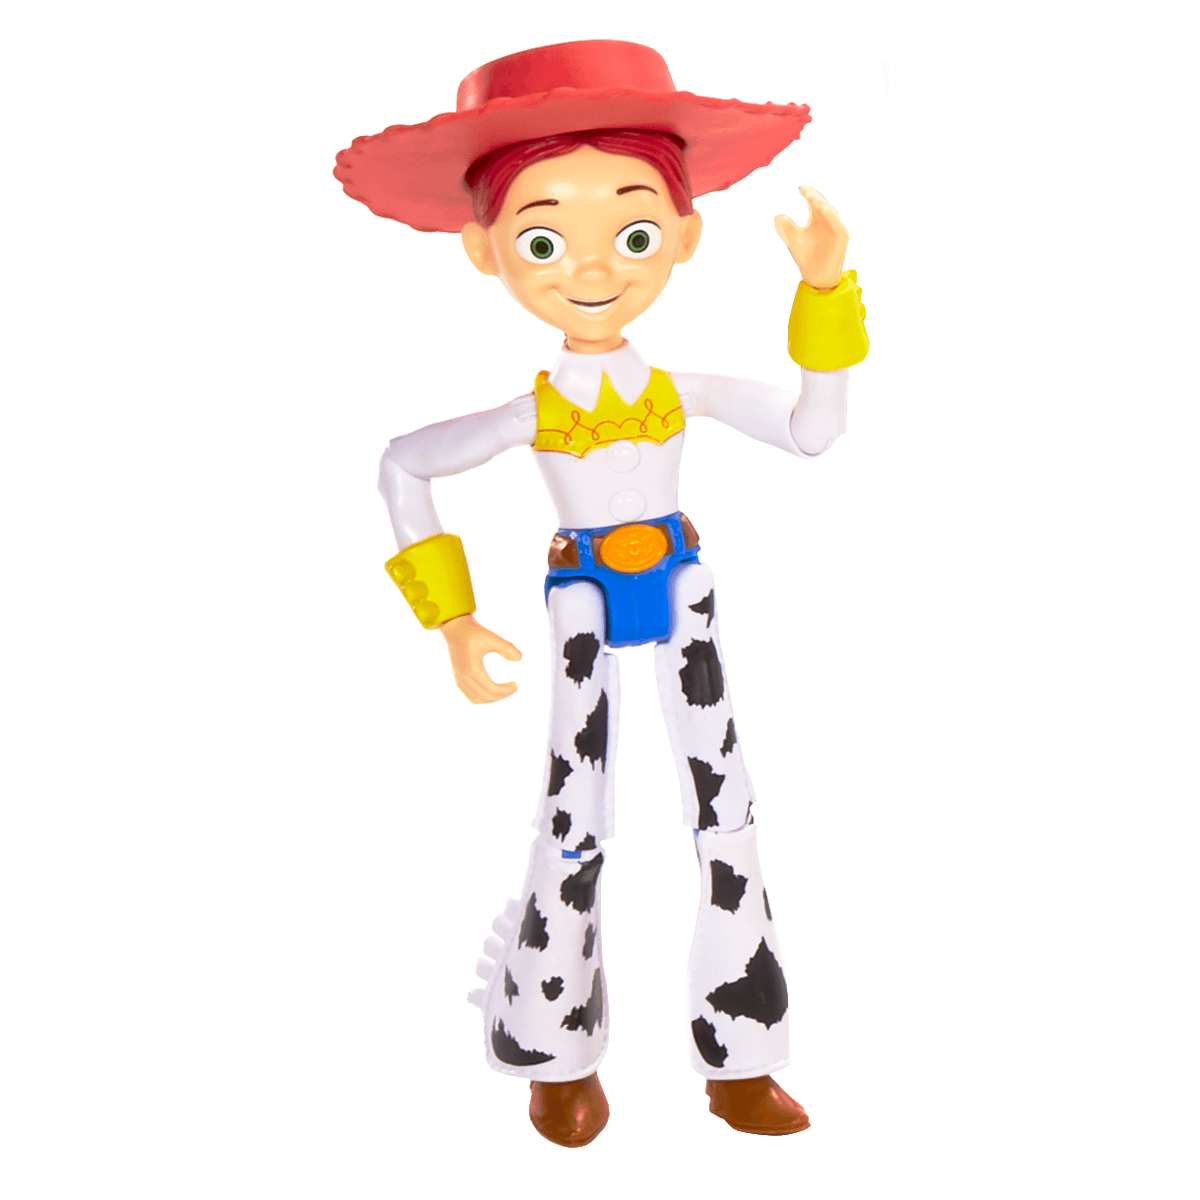 Disney Pixar Toy Story 4 17 cm Figure - Jessie